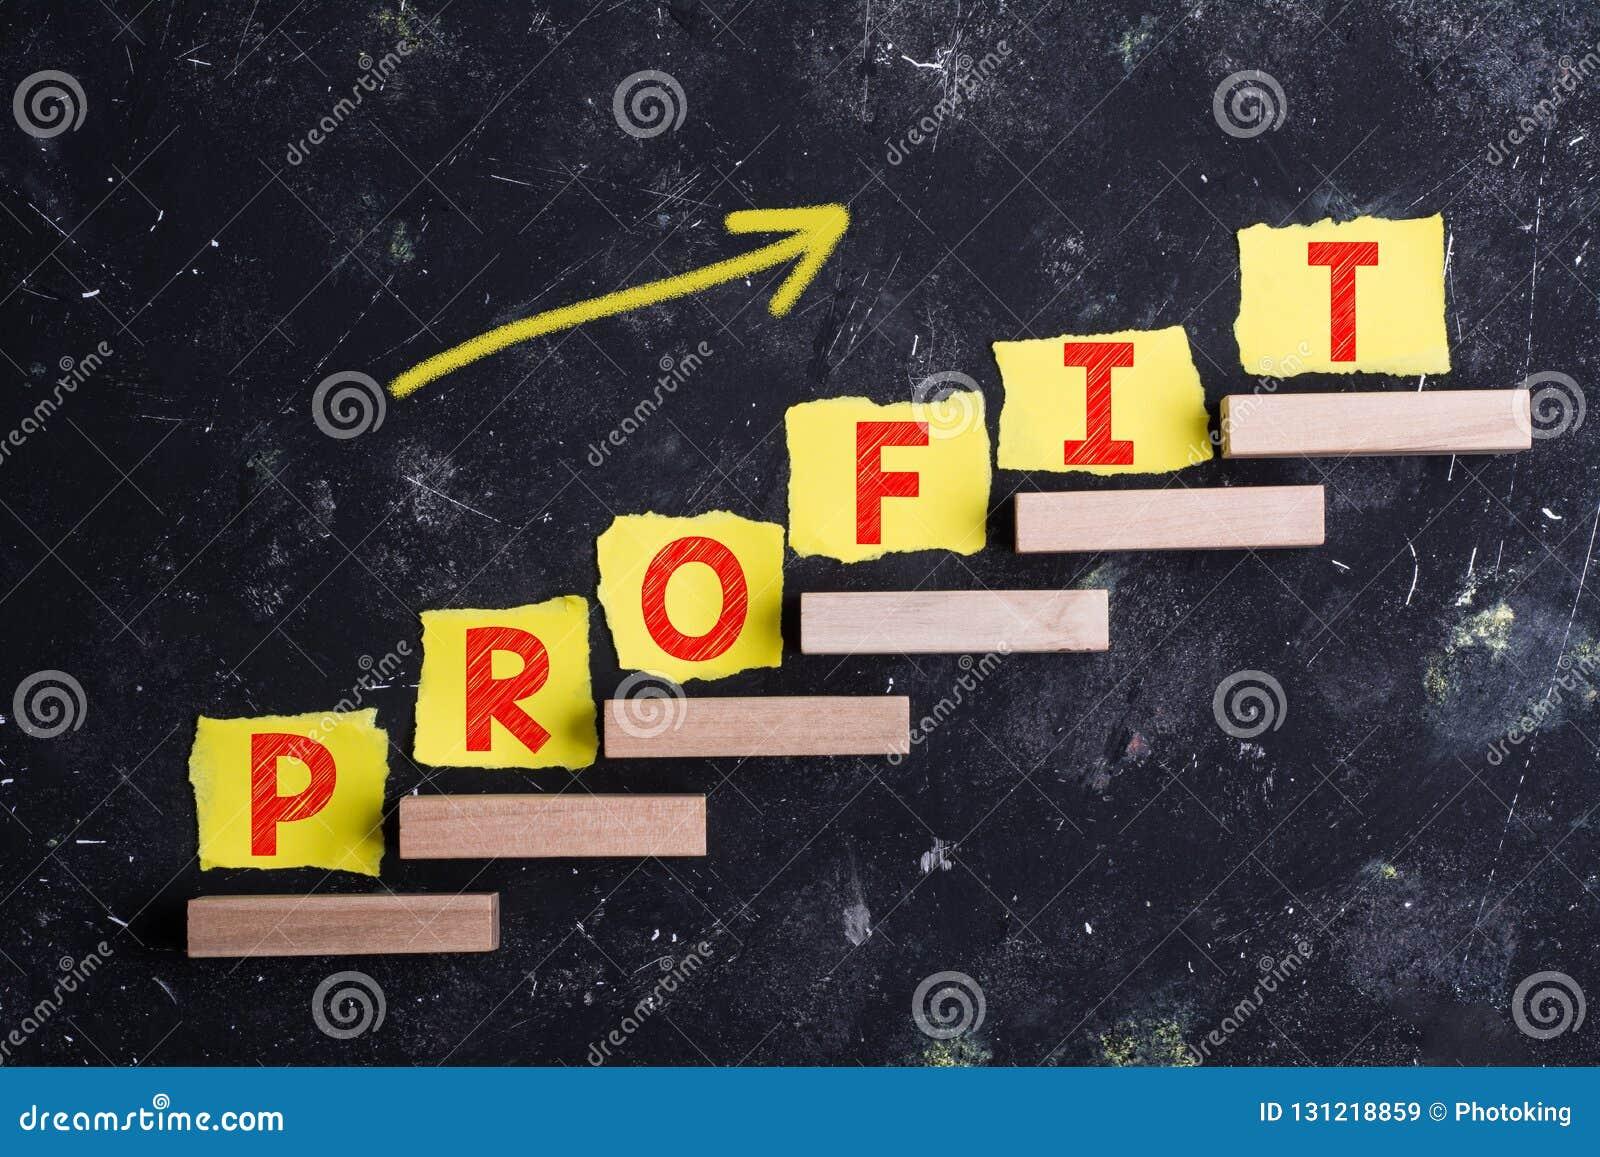 Profit word on steps